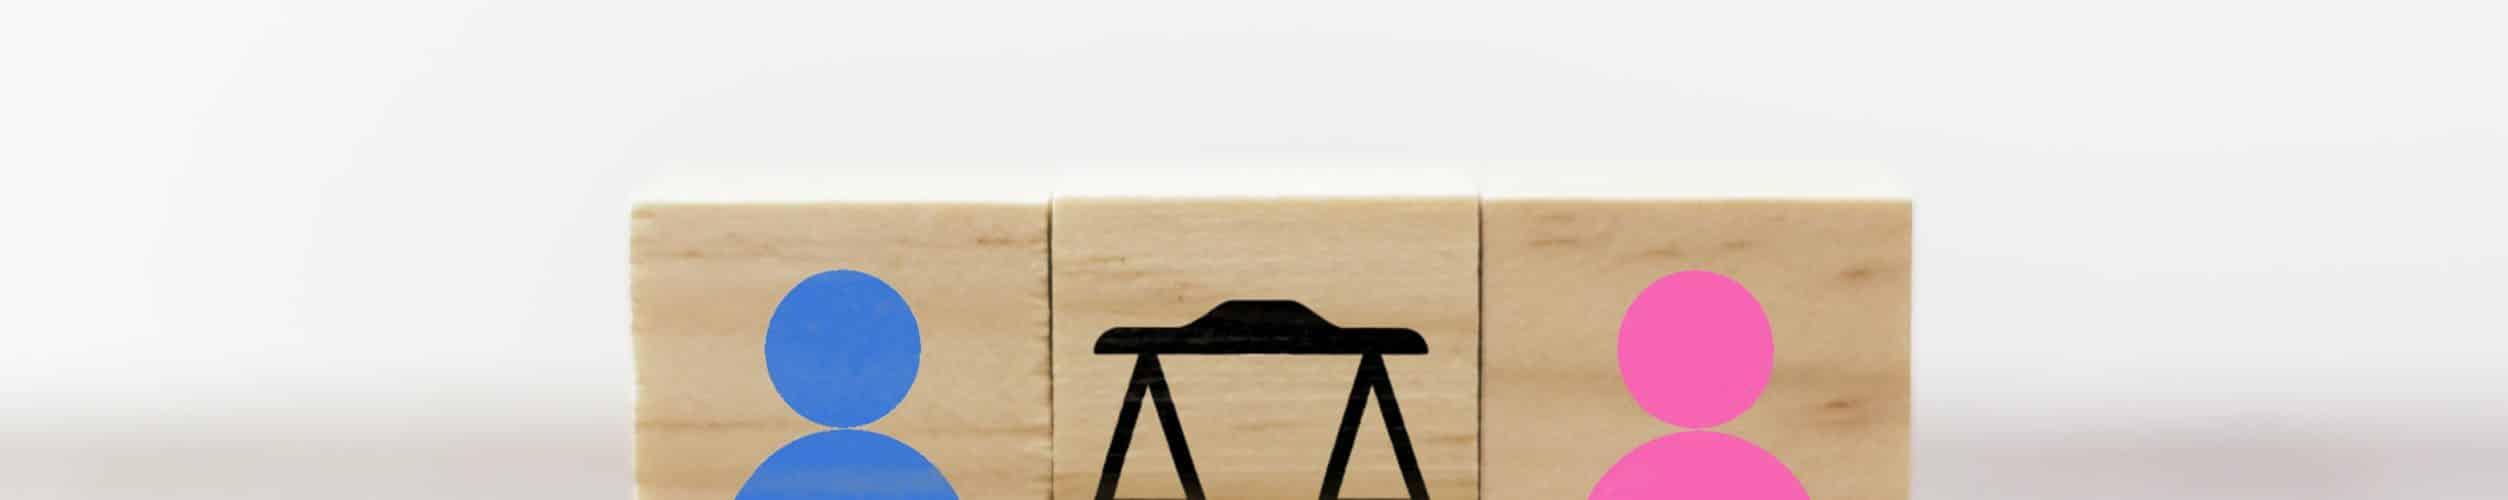 Cubos de madeira representando um homem, uma mulher e uma balança entre eles.